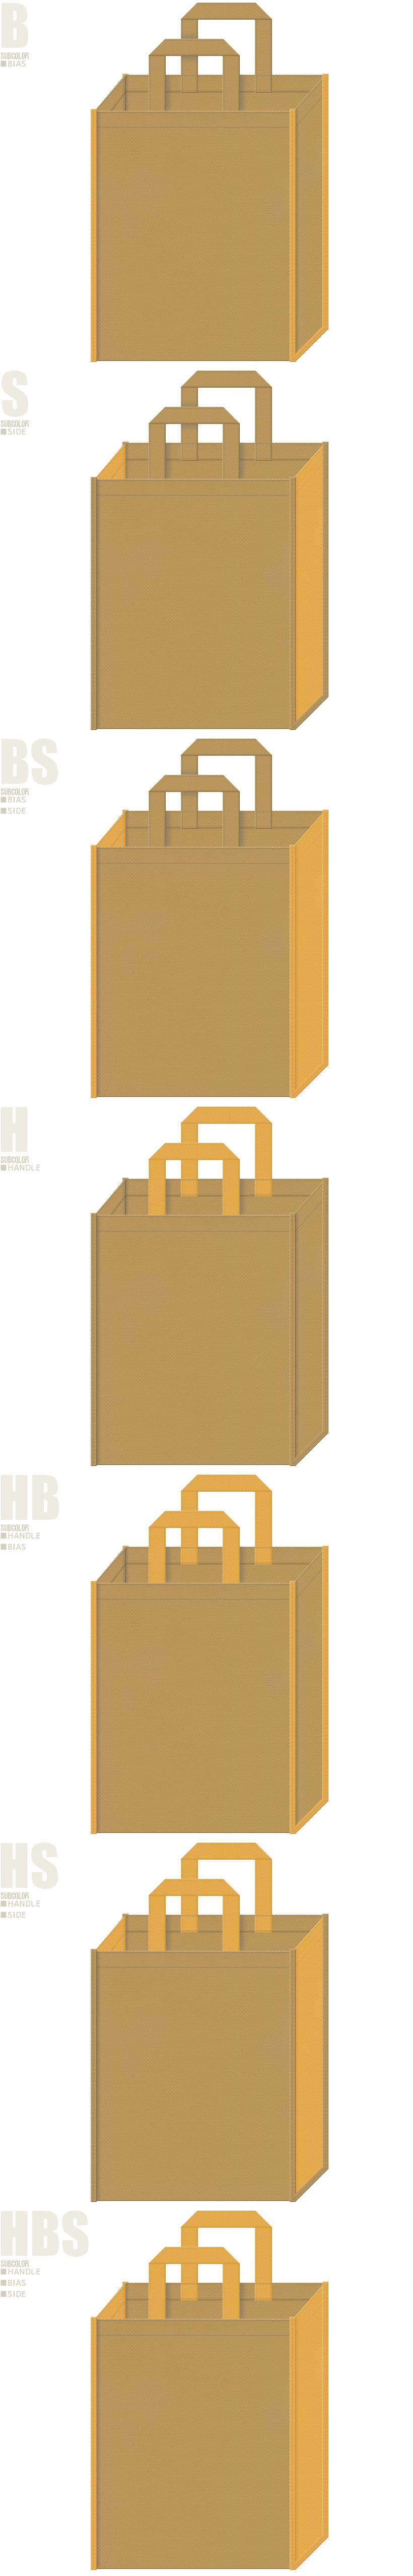 作業用品・日曜大工用品・DIYの展示会用バッグにお奨めの不織布バッグデザイン:金黄土色と黄土色の不織布バッグ配色7パターン。